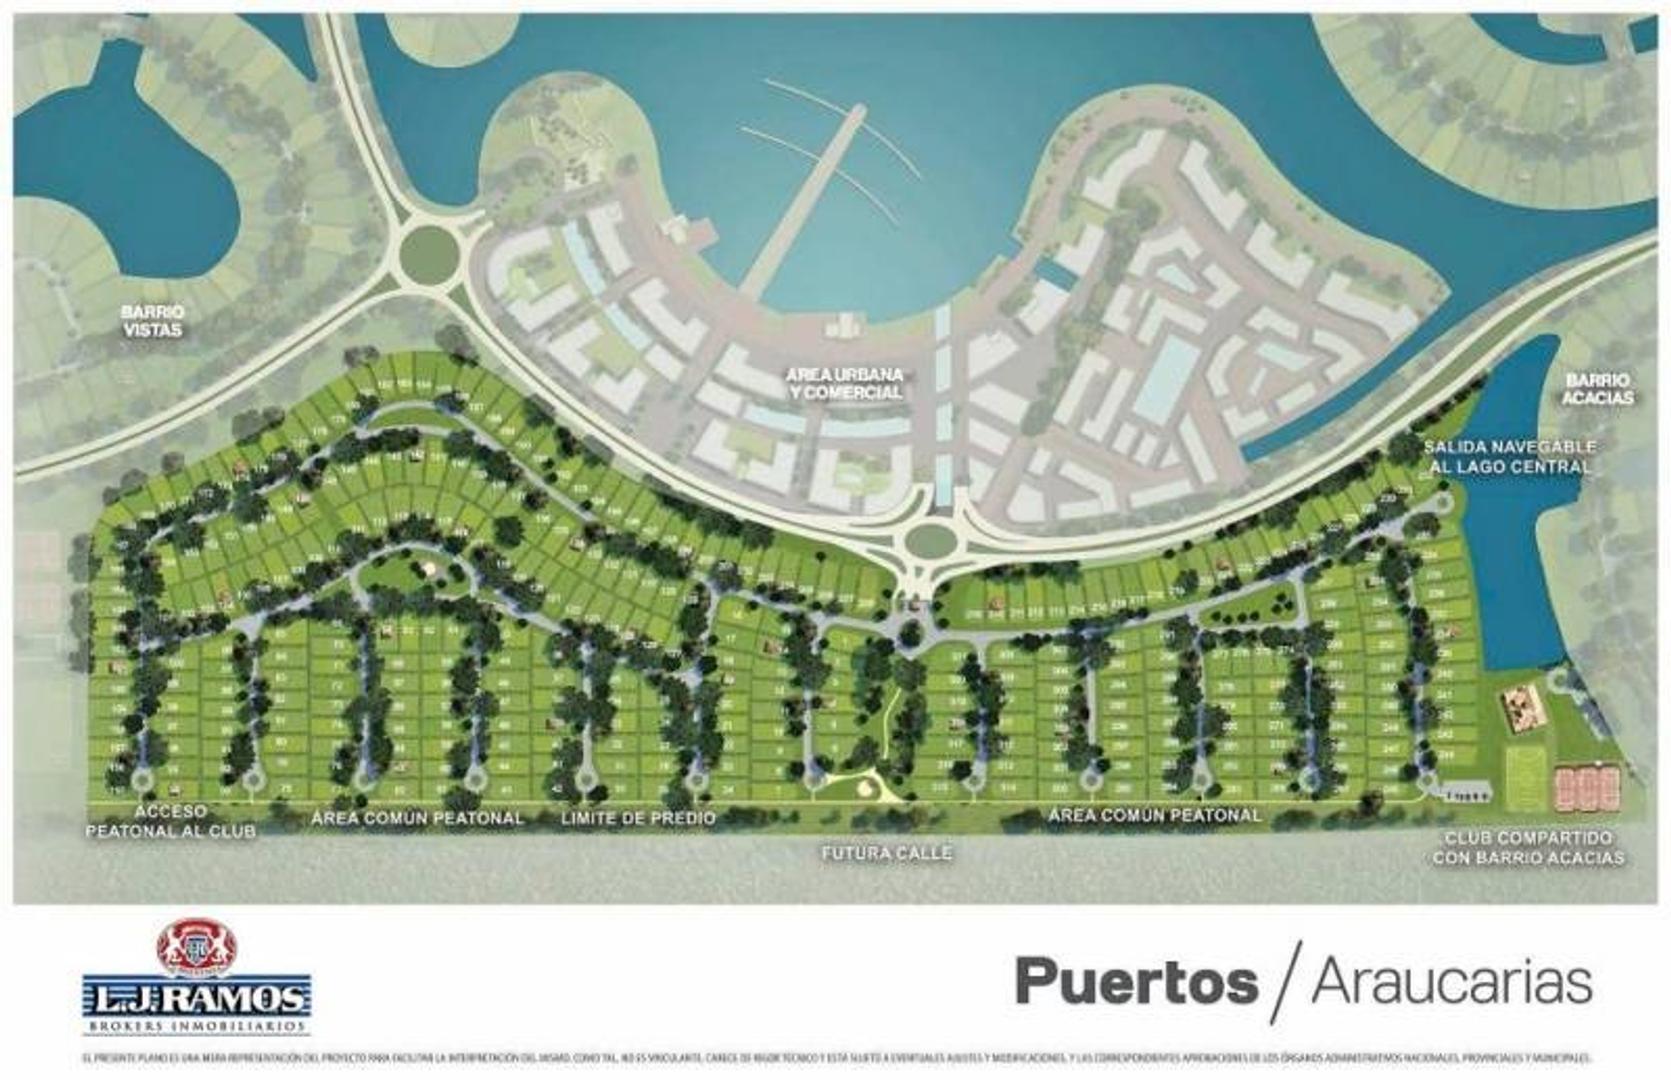 PUERTOS - BARRIO ARAUCAURIAS - RAMAL ESCOBAR KM 45 - LOTE 156 - 100